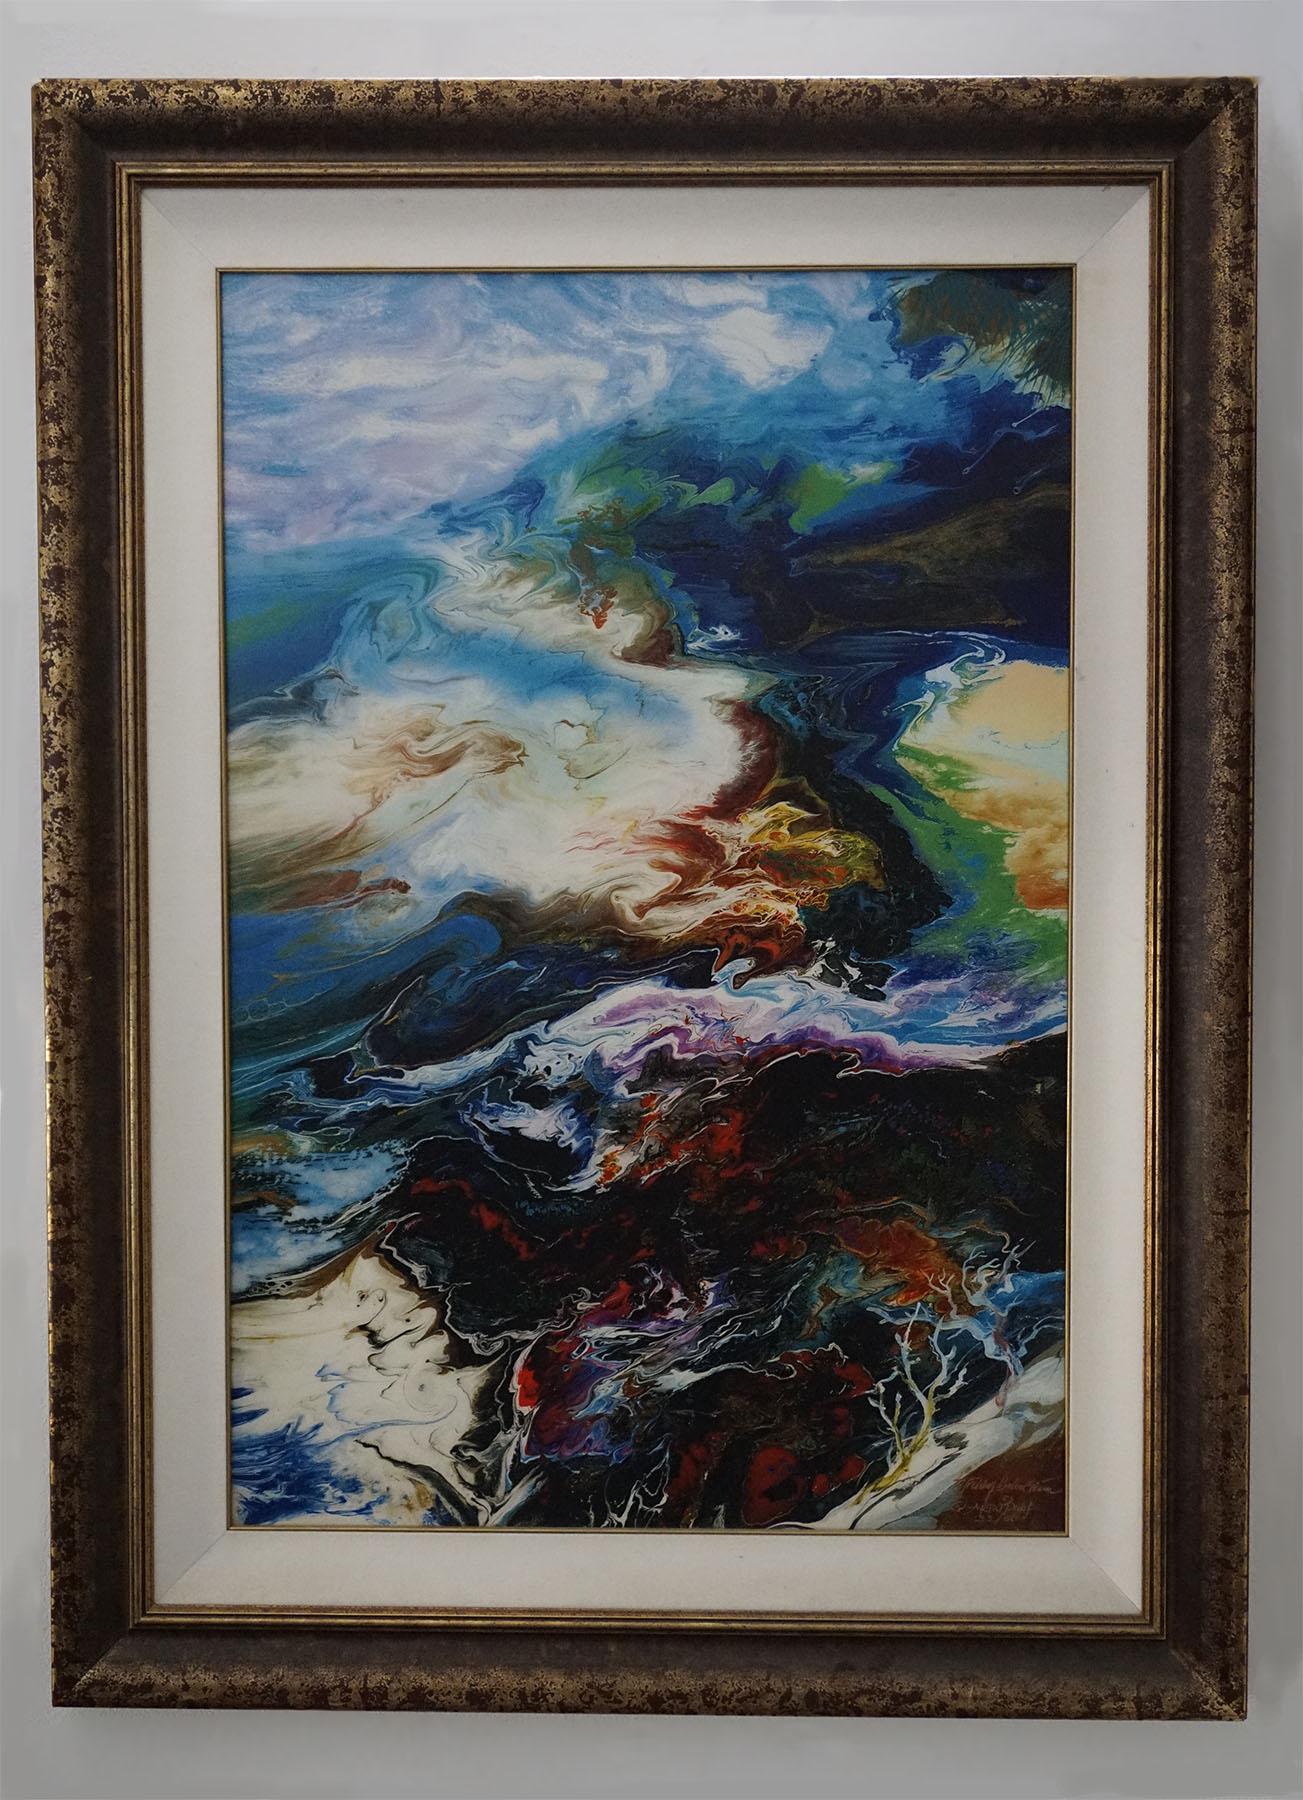 Regular Canvas Print (Framed)